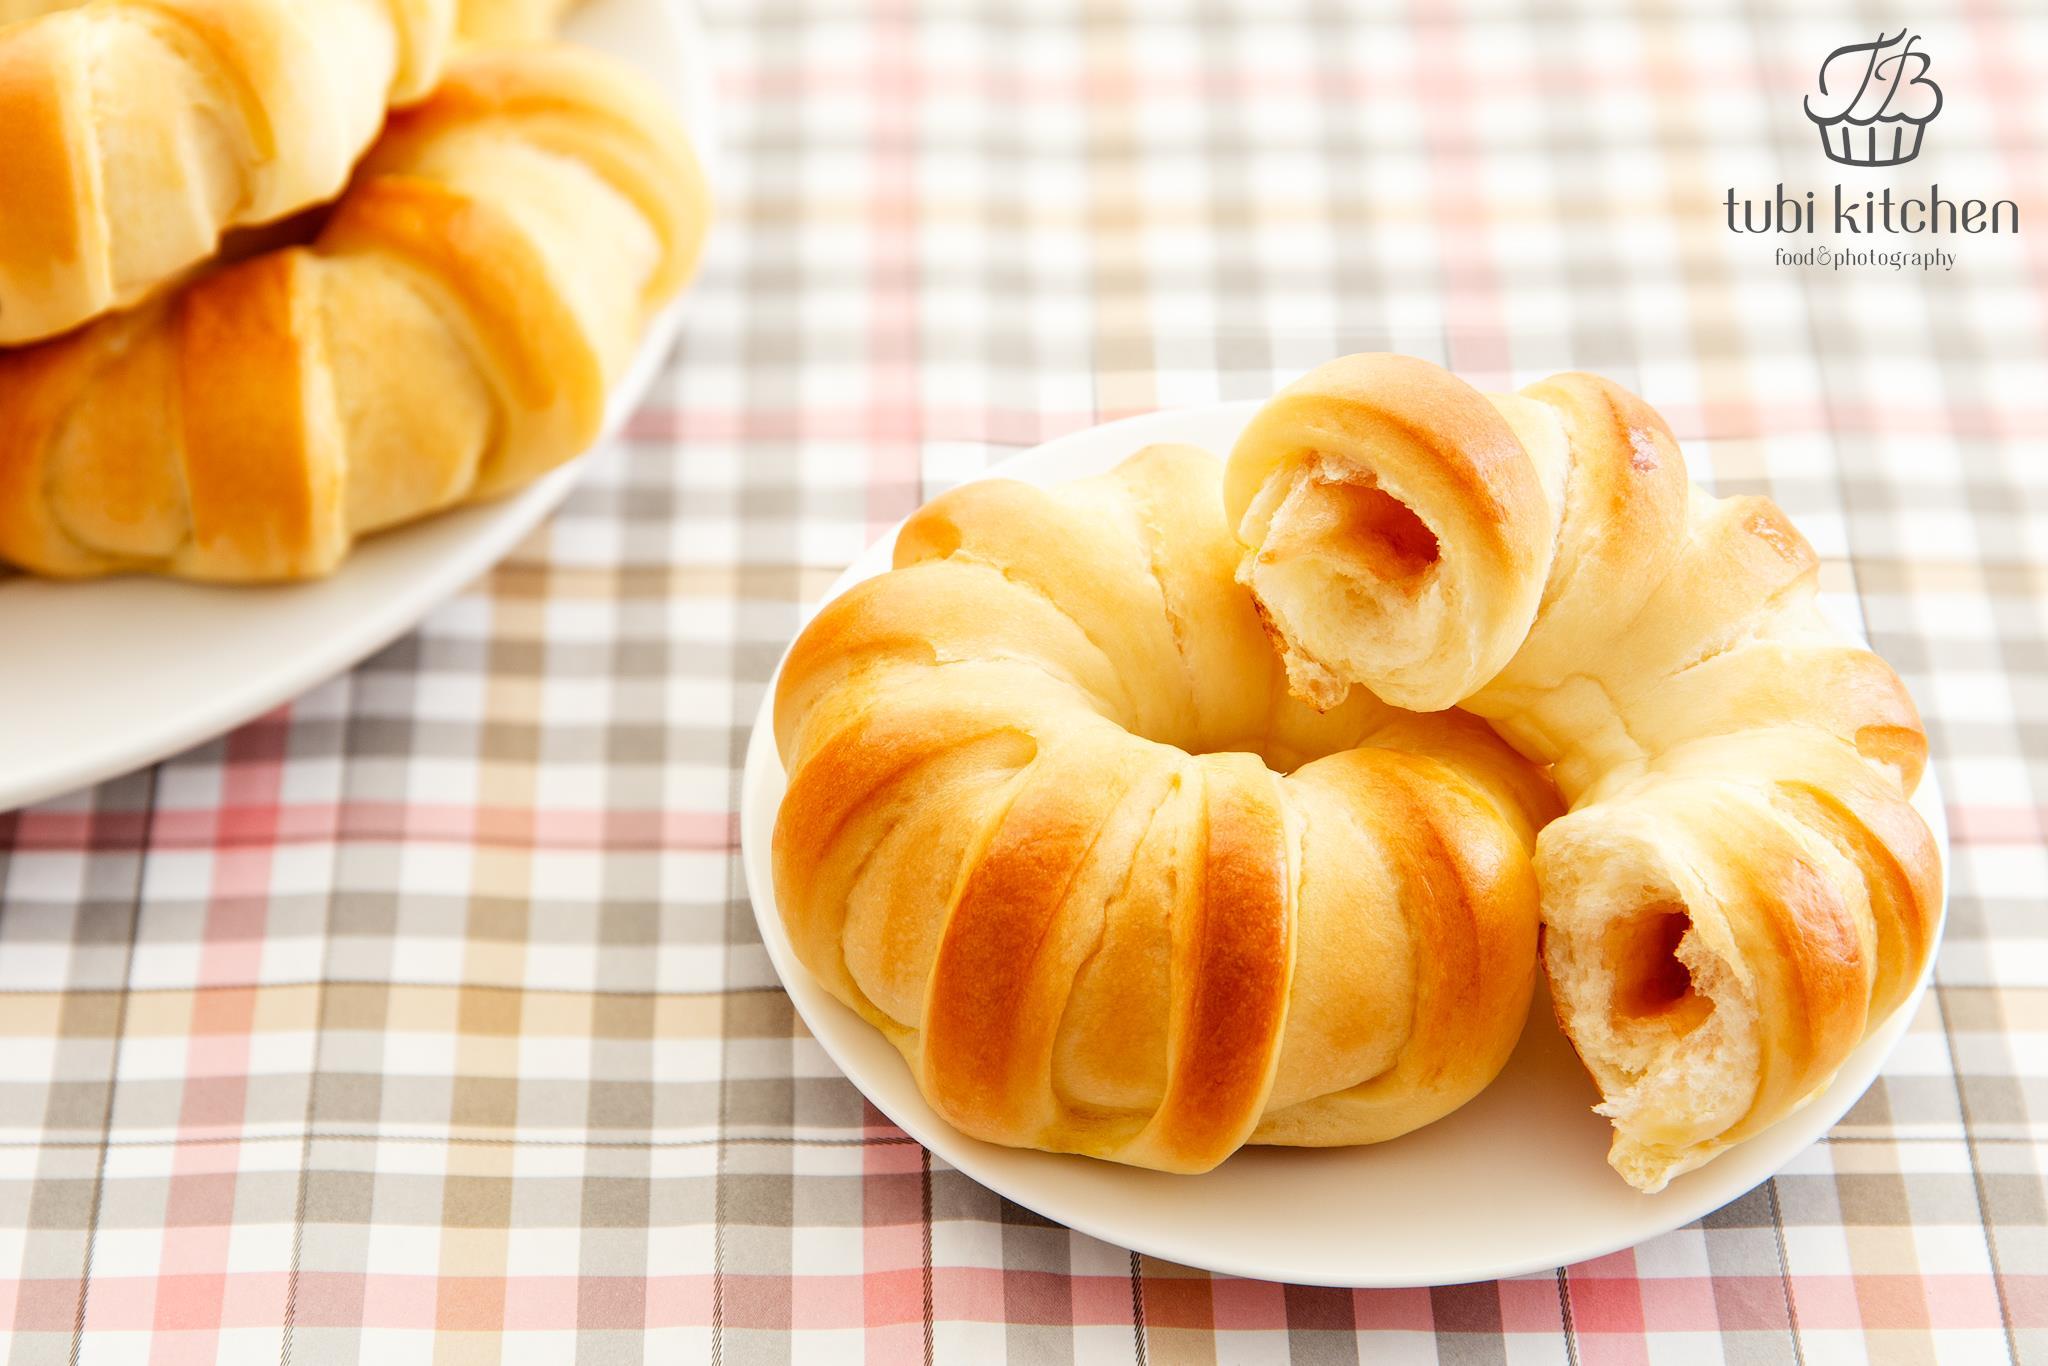 cách làm bánh mì bơ sữa nhân mứt dâu 9 cách làm bánh mì bơ sữa nhân mứt dâu Cách làm bánh mì bơ sữa nhân mứt dâu cho cả nhà vào dịp cuối tuần cach lam banh mi bo sua nhan mut dau 9